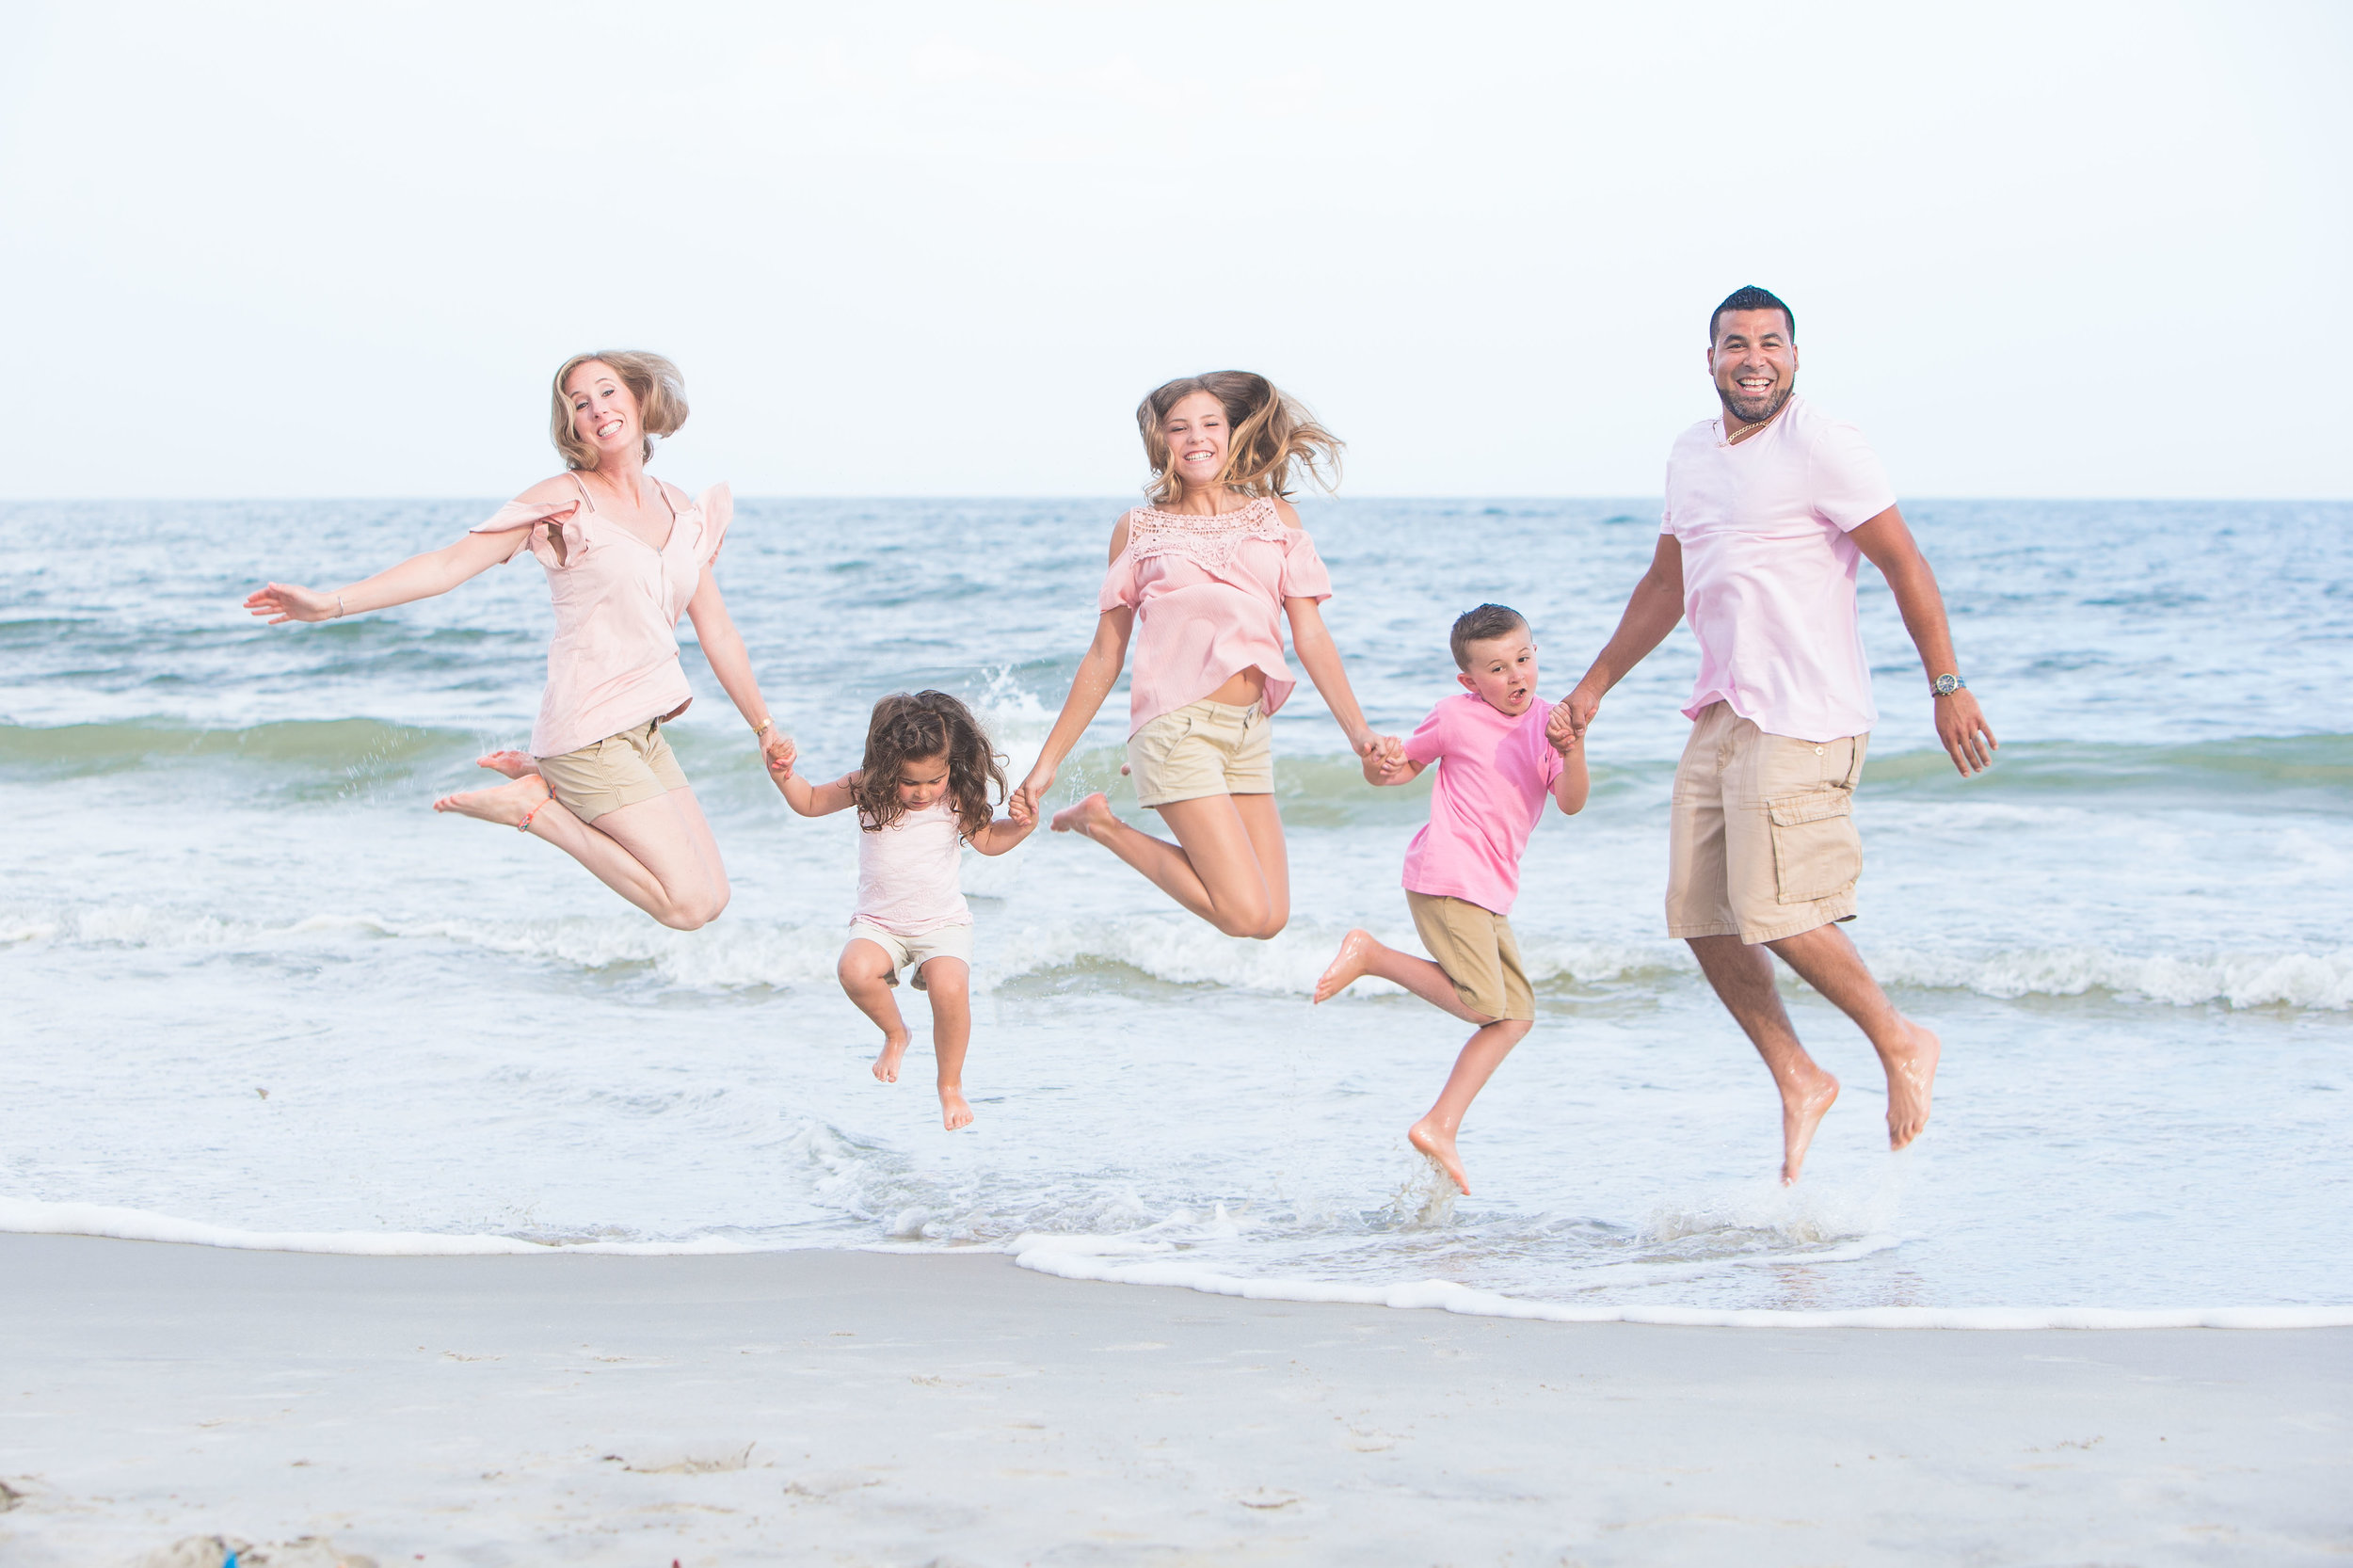 Myrtle beach family photographer ramona nicolae photography beach photos-11.jpg